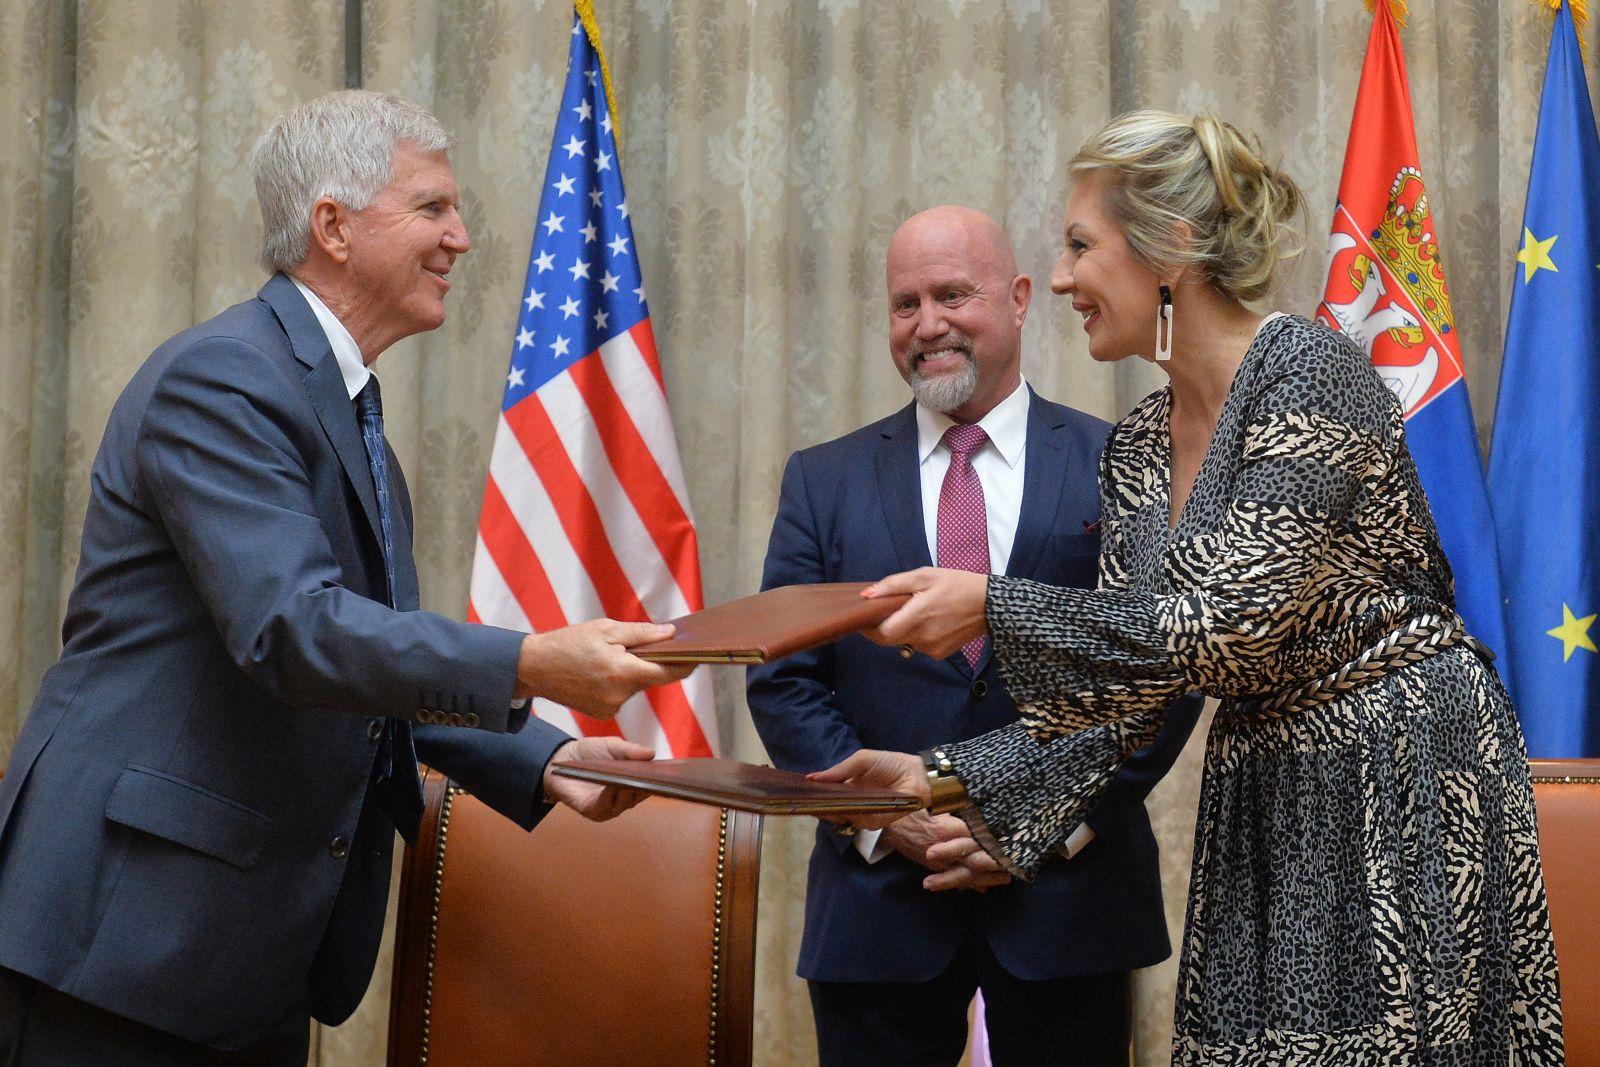 САД је стало до успеха Србије у  европским интеграцијама